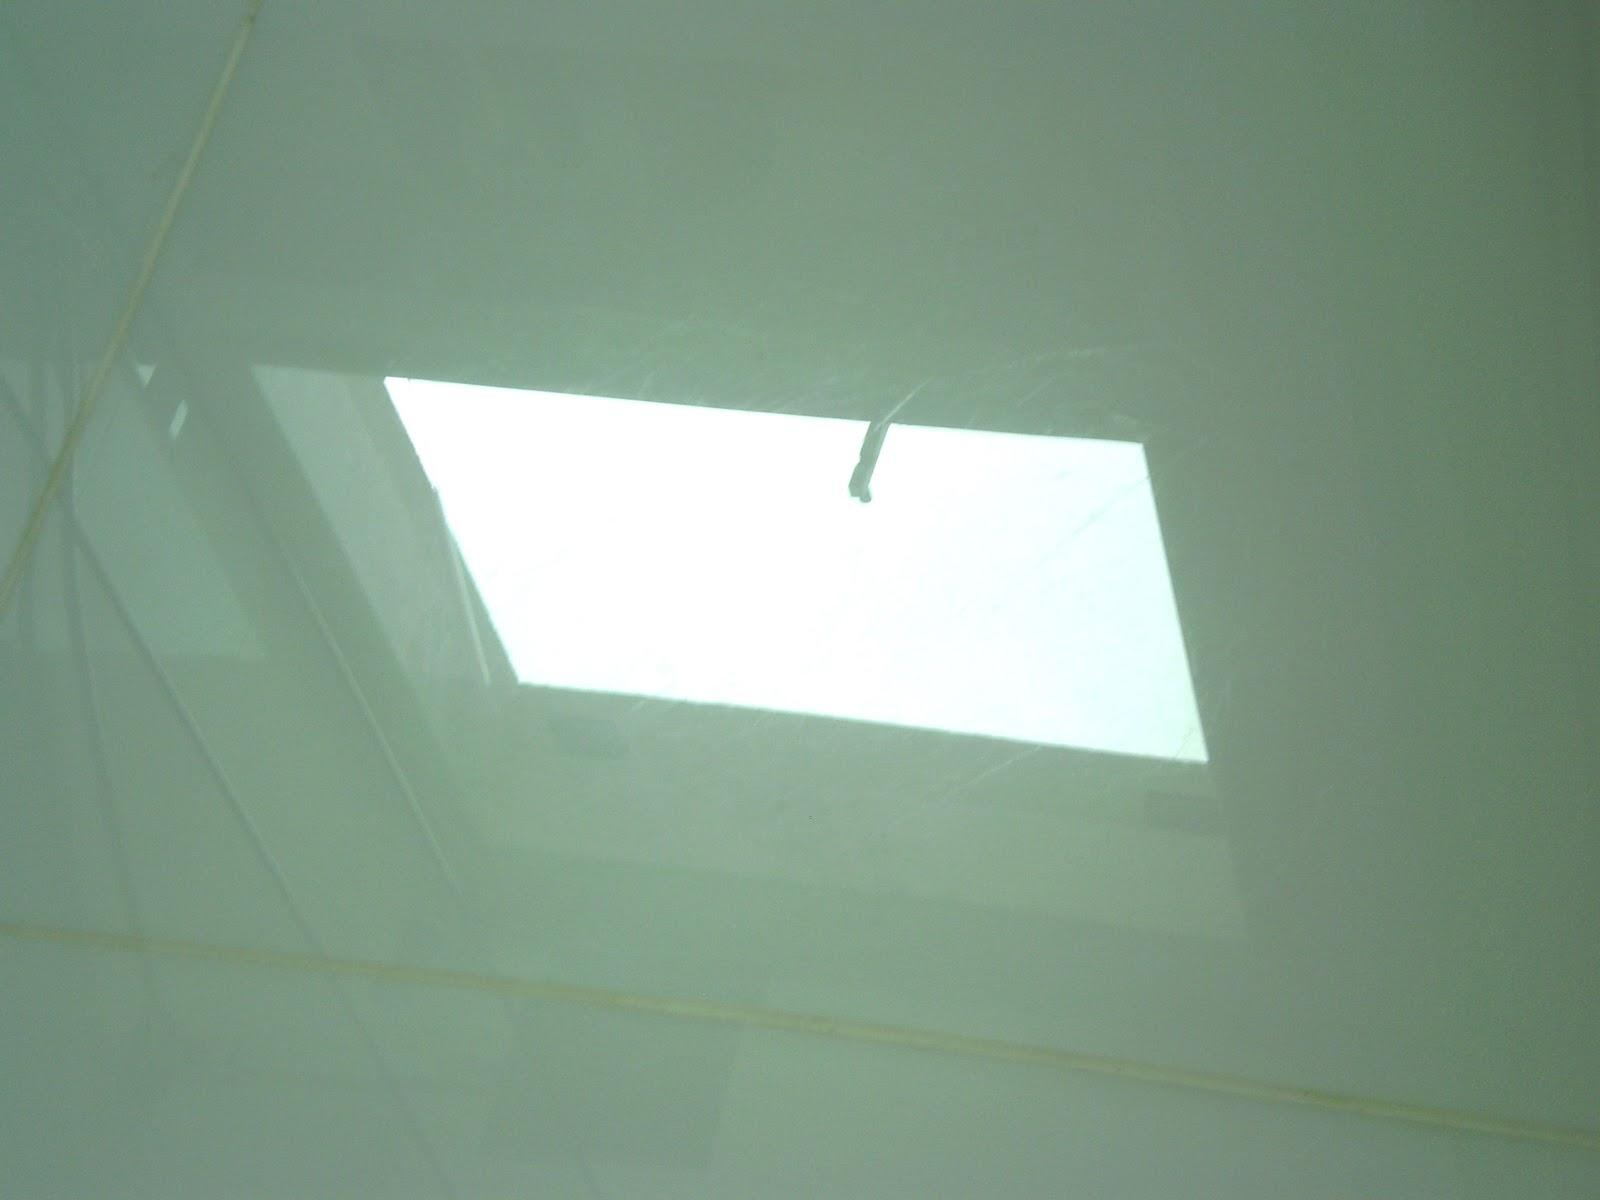 que ele brilha muitoooo tão vendo o reflexo da janela do banheiro #2D9E9E 1600 1200